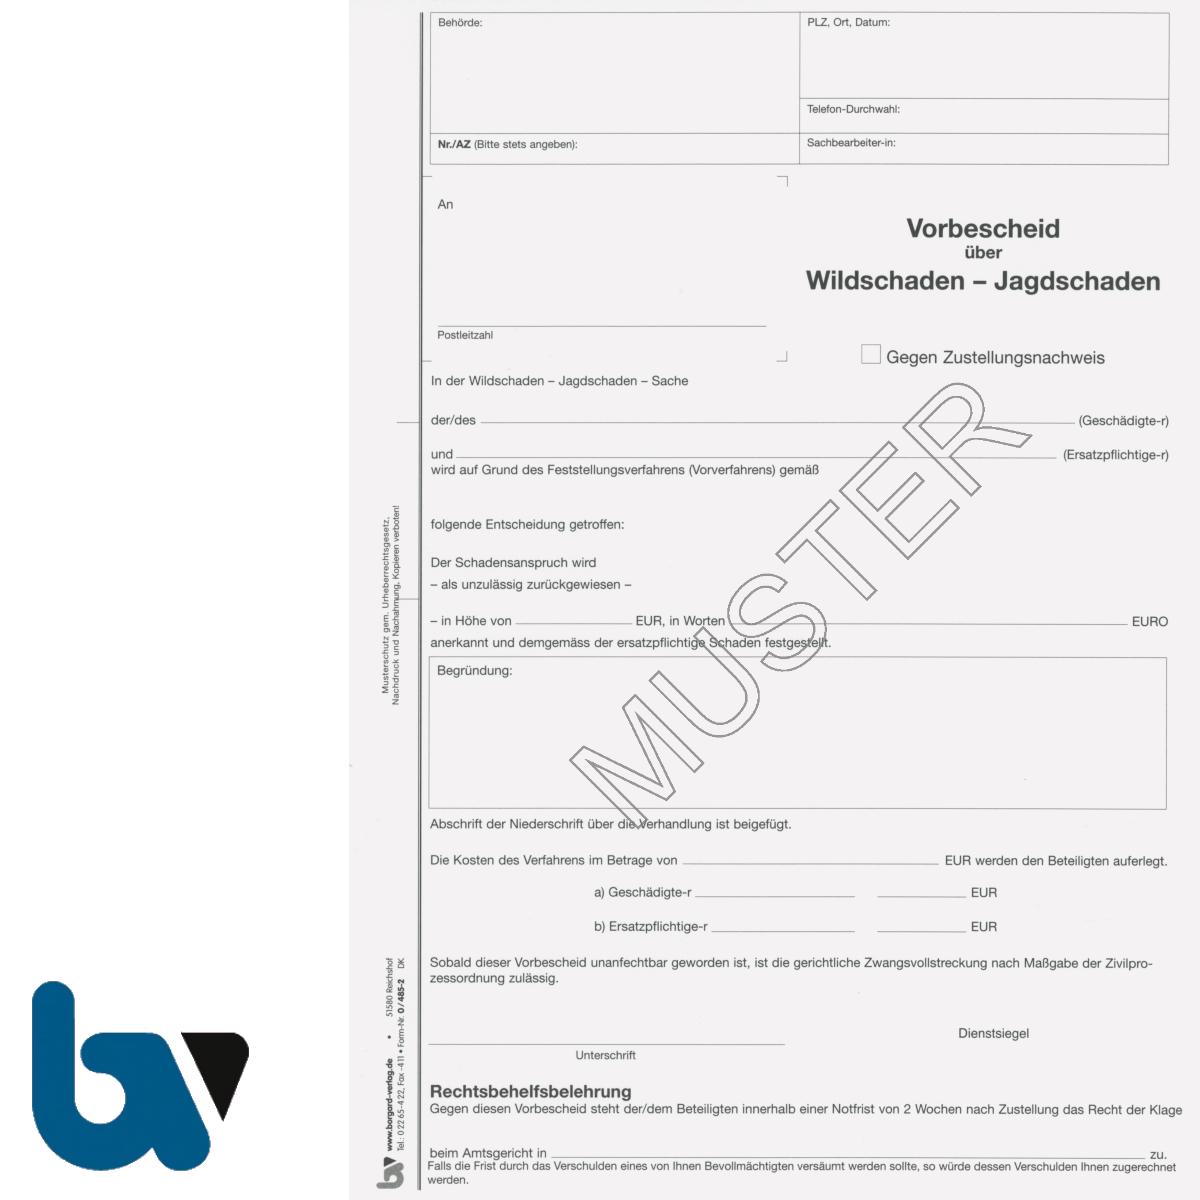 0/485-2 Vorbescheid über Wildschaden 4-fach selbstdurchschreibend DIN A4 | Borgard Verlag GmbH